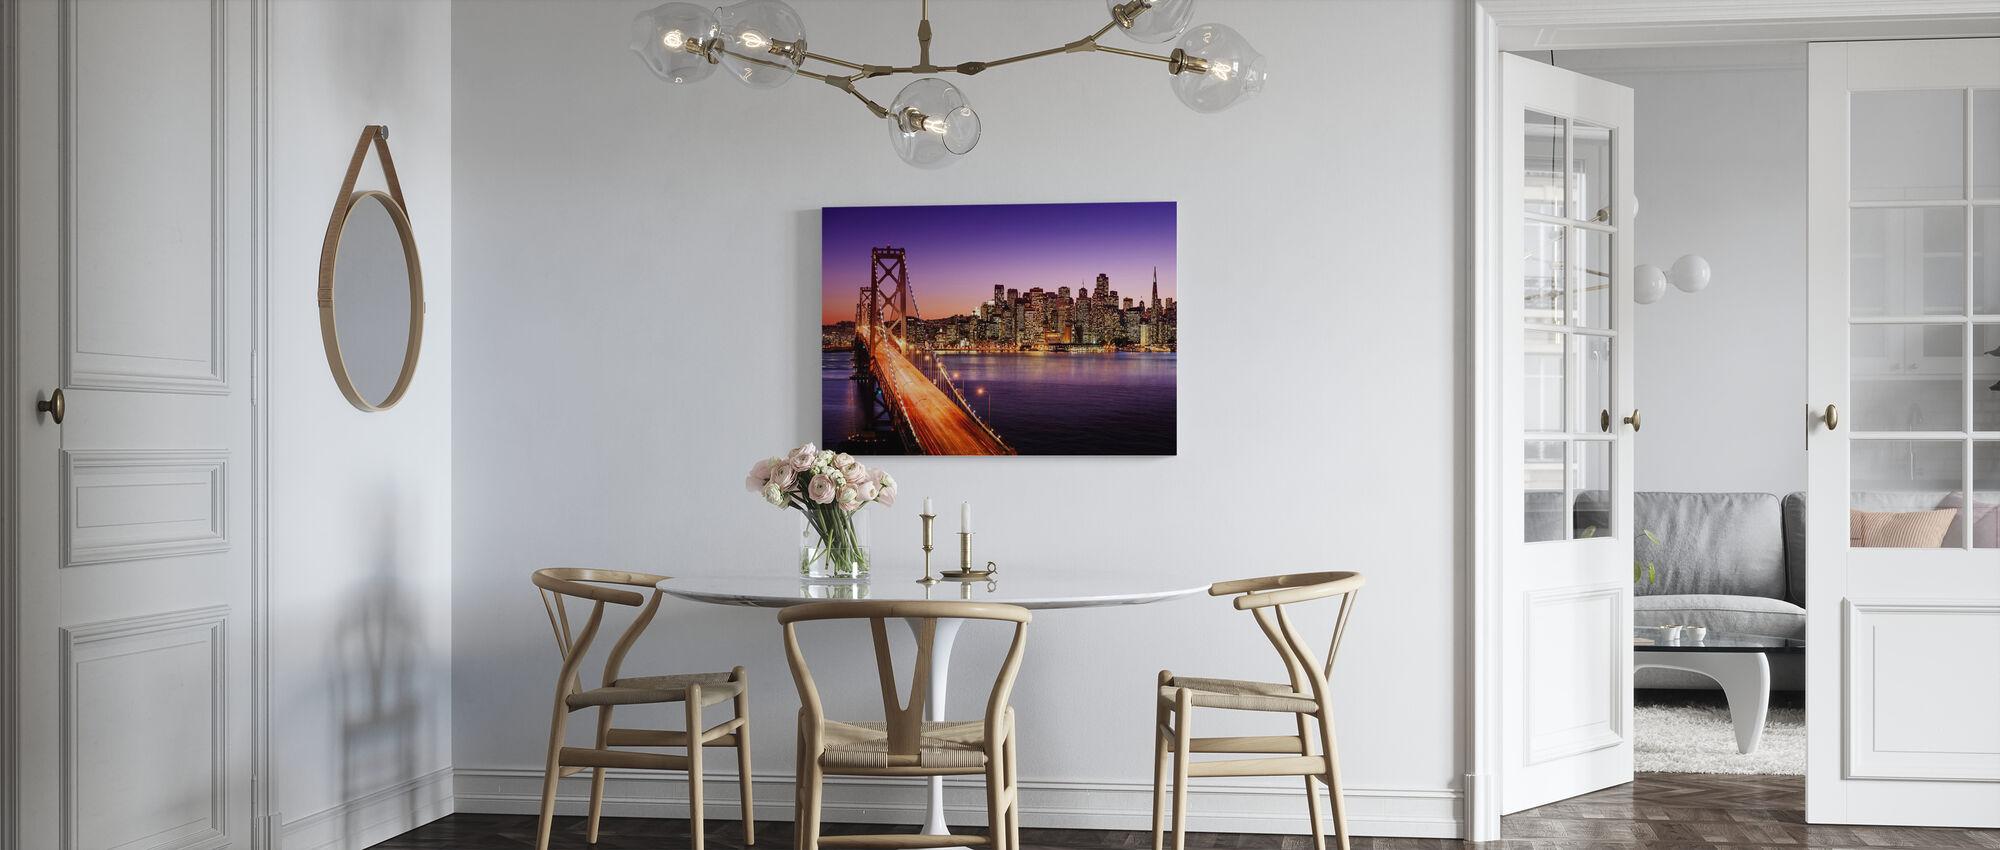 San Francisco Bay Bridge - Canvastavla - Kök